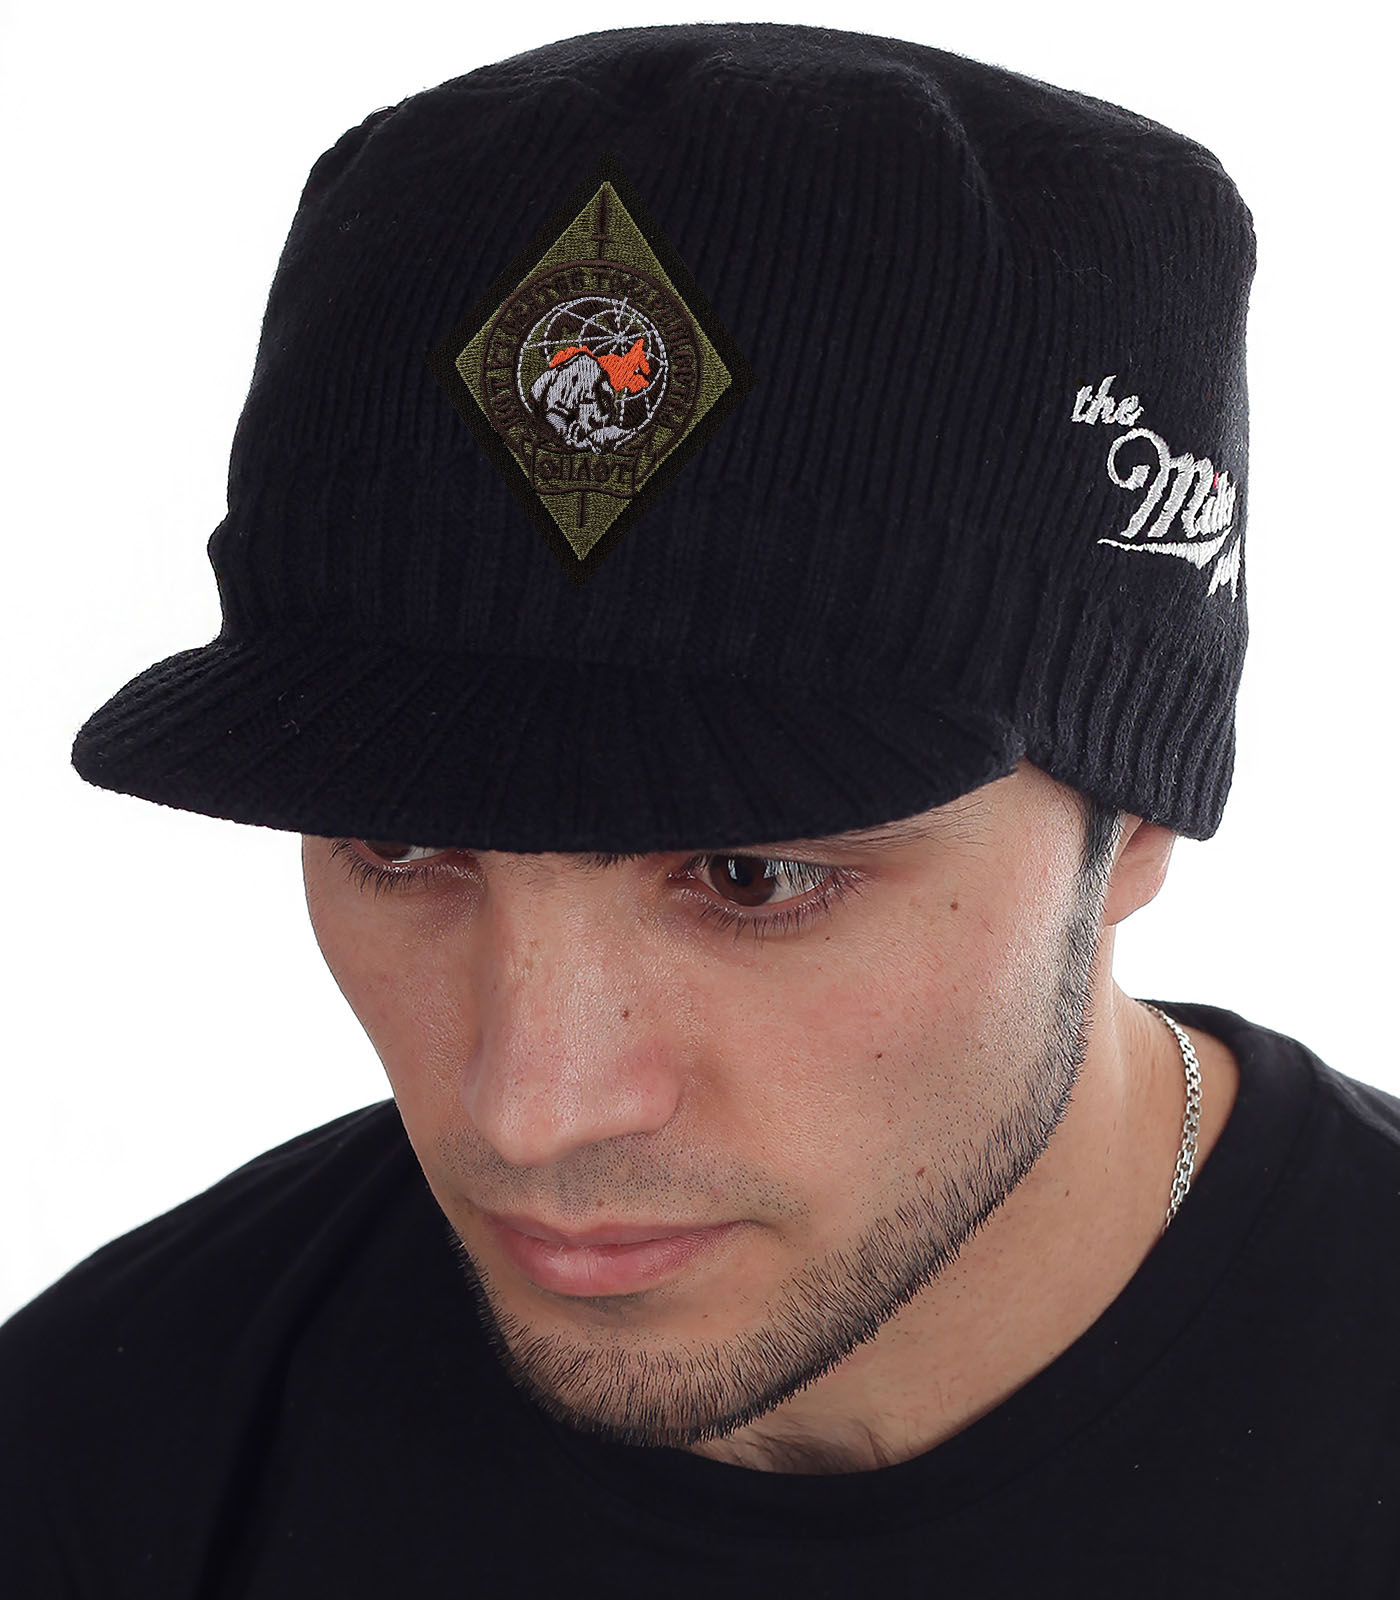 Оригинальная кепка-шапка Miller Way с нашивкой ОПЛОТ - купить в подарок